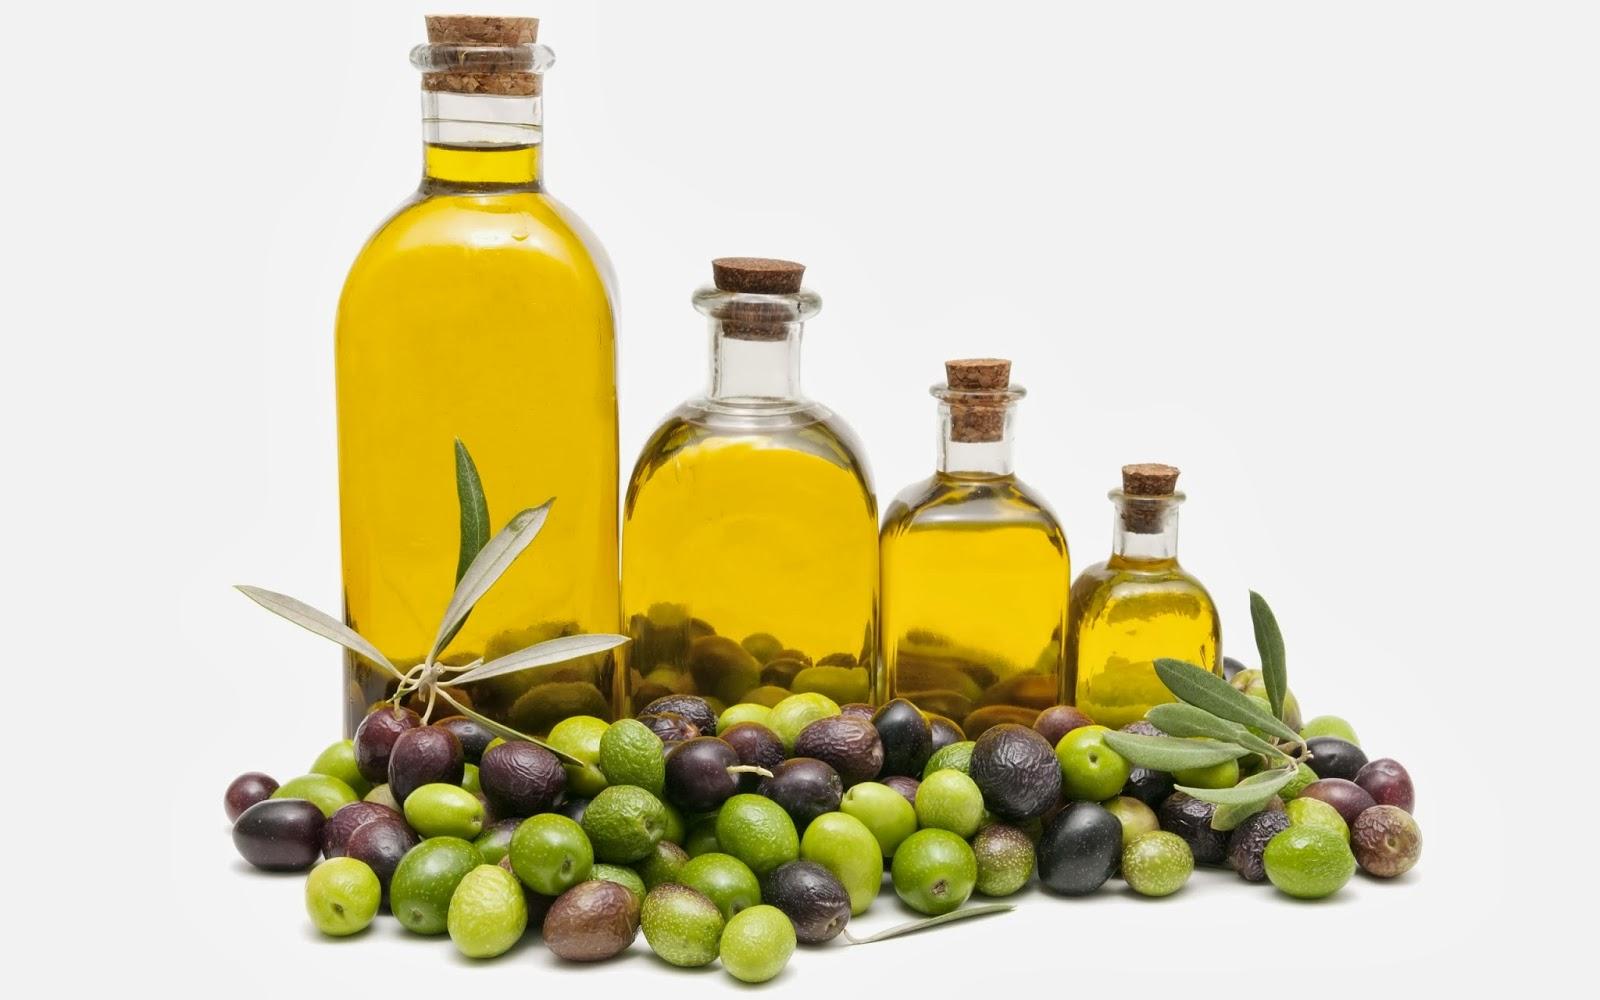 Oliivioli toiduvalmistamise kaalulangus Sliming AIDS